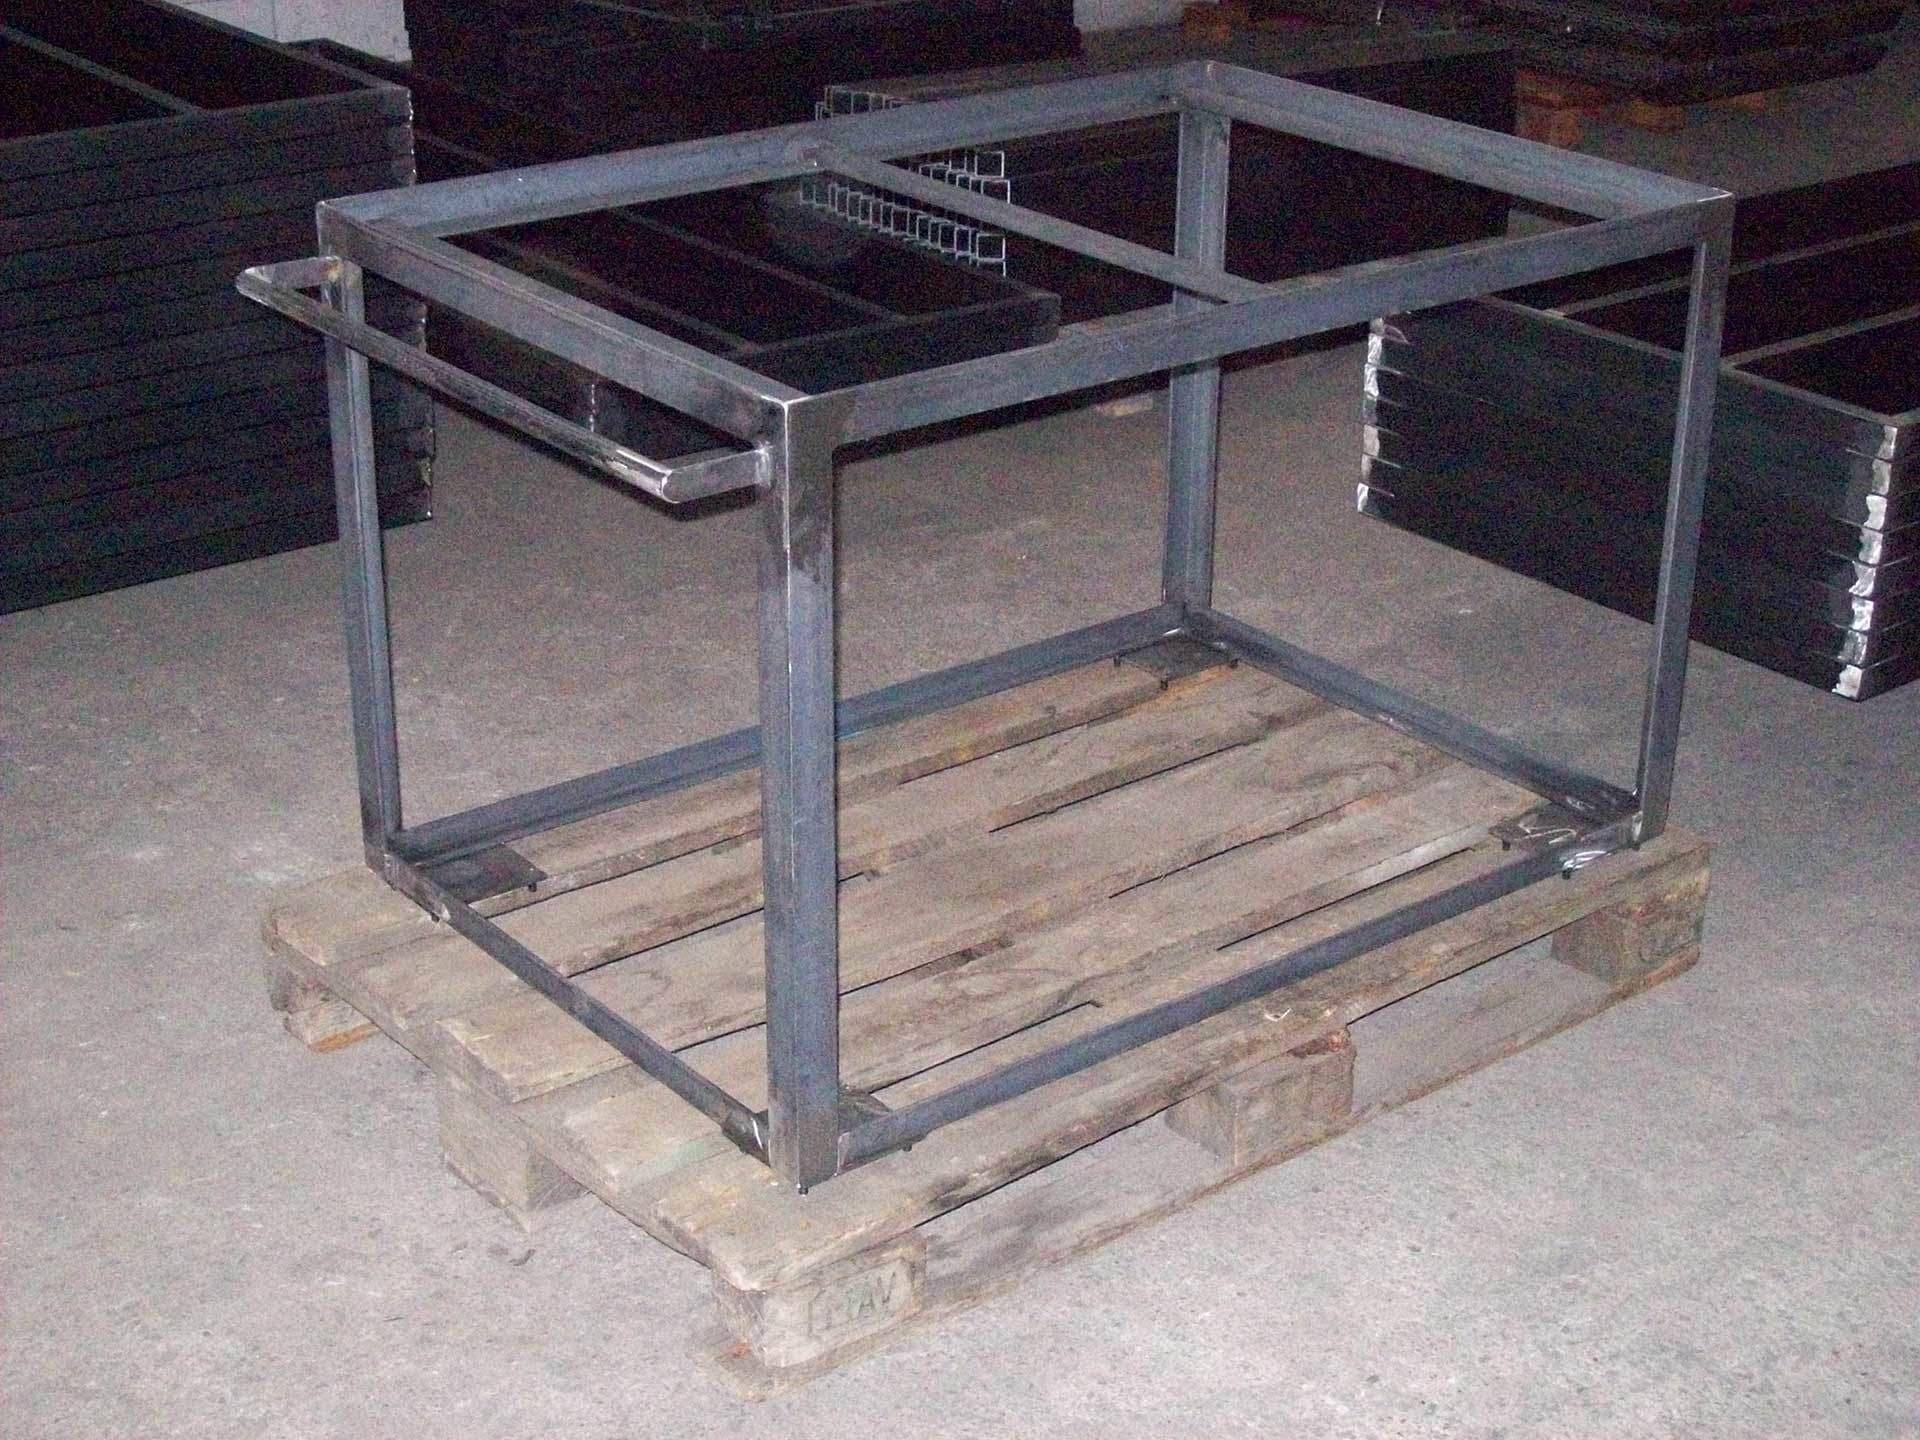 struttura-ultimata-pronta-per-la-fase-di-verniciatura